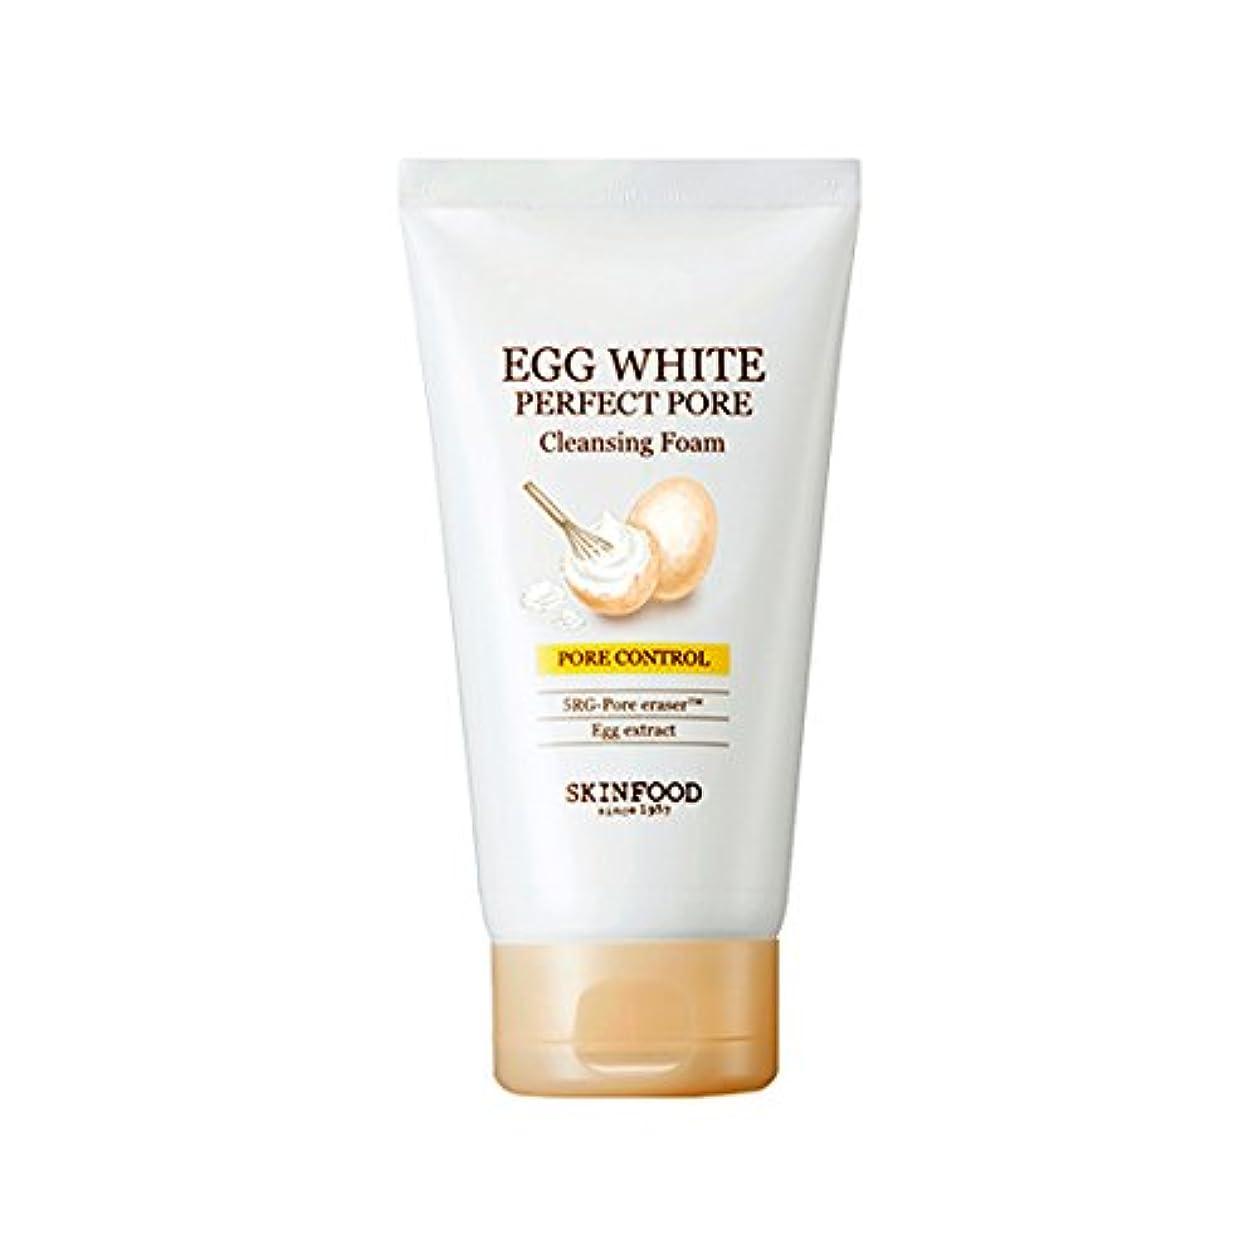 困難きしむ毒性[2017 New] SKINFOOD Egg White Perfect Pore Cleansing Foam 150ml/スキンフード エッグ ホワイト パーフェクト ポア クレンジング フォーム 150ml [並行輸入品]